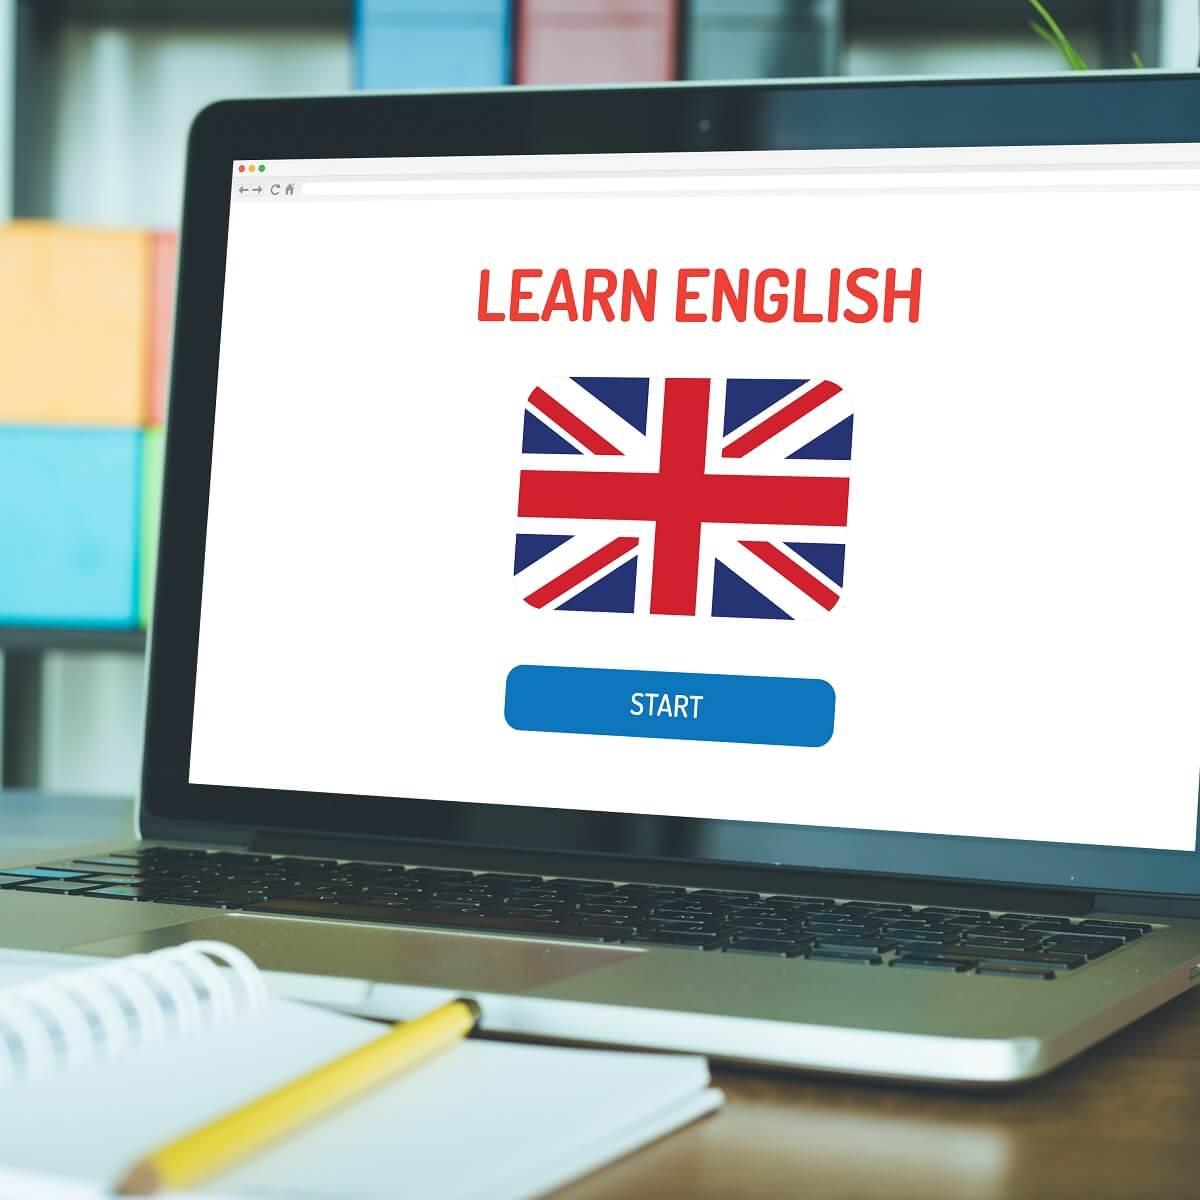 オンライン英会話のおすすめ!TOEICを100点あげる学習法とは